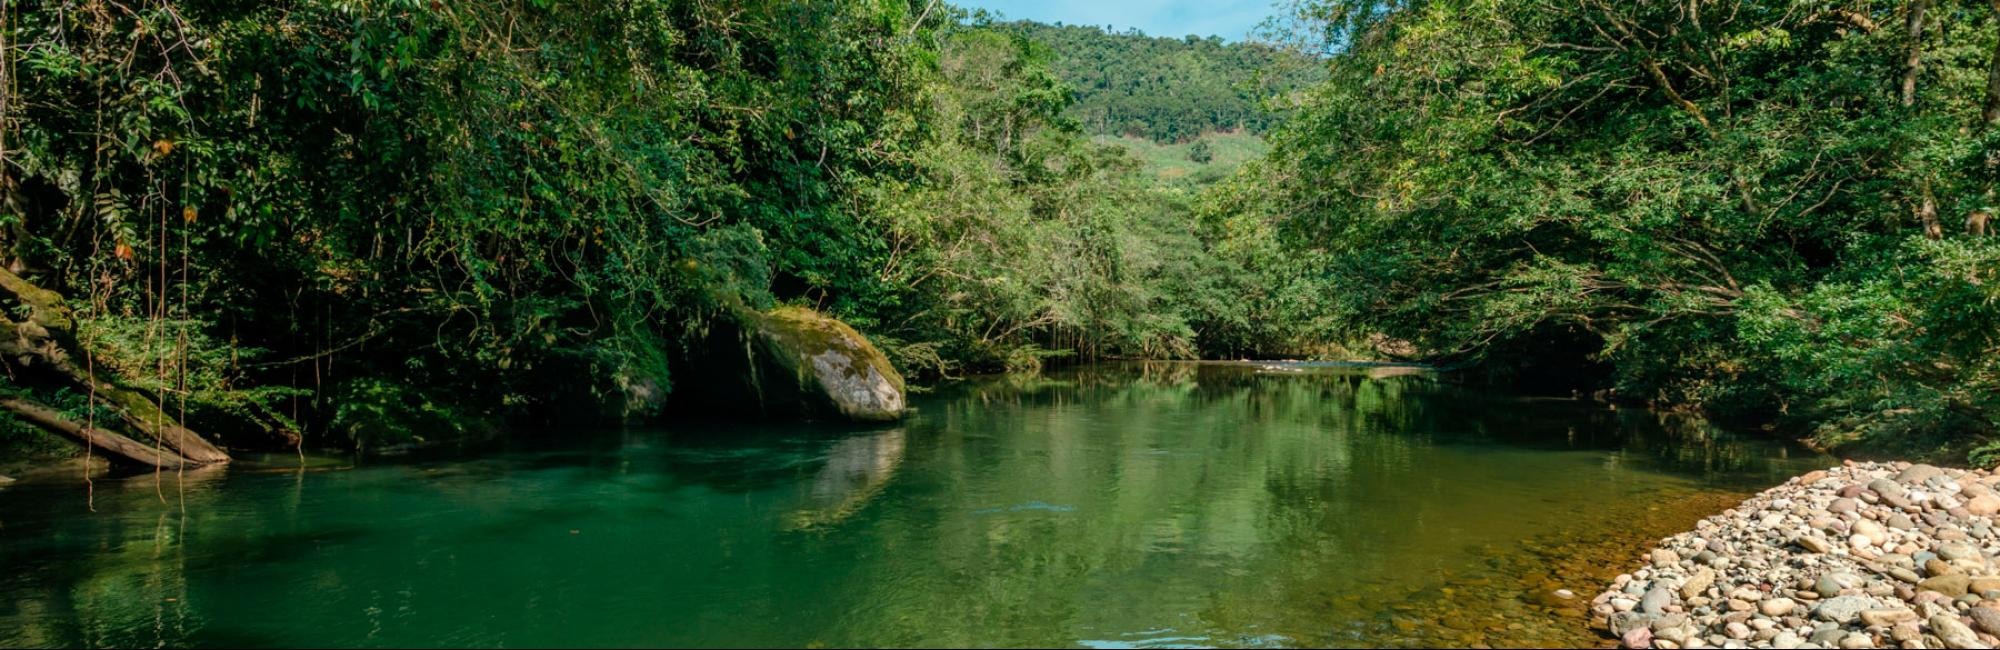 Reserva Natural y Ecoturística el Horeb